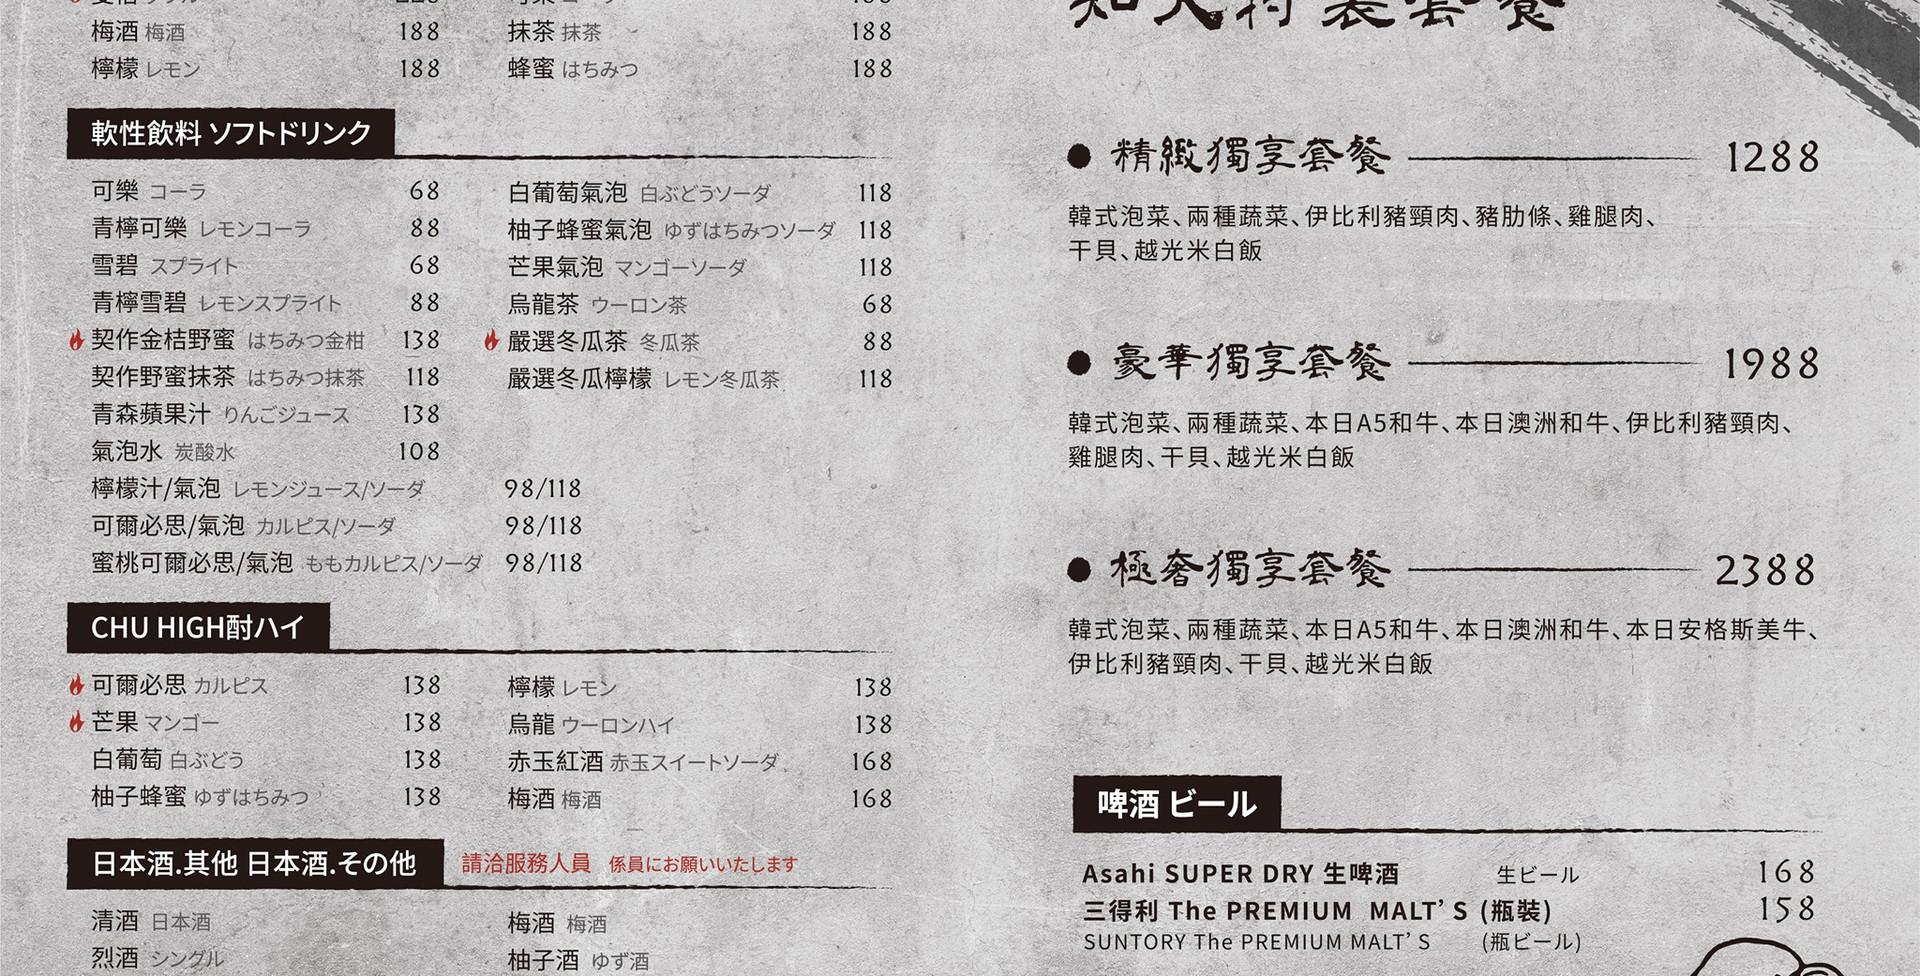 知火_MENU(中日)_P2.jpg